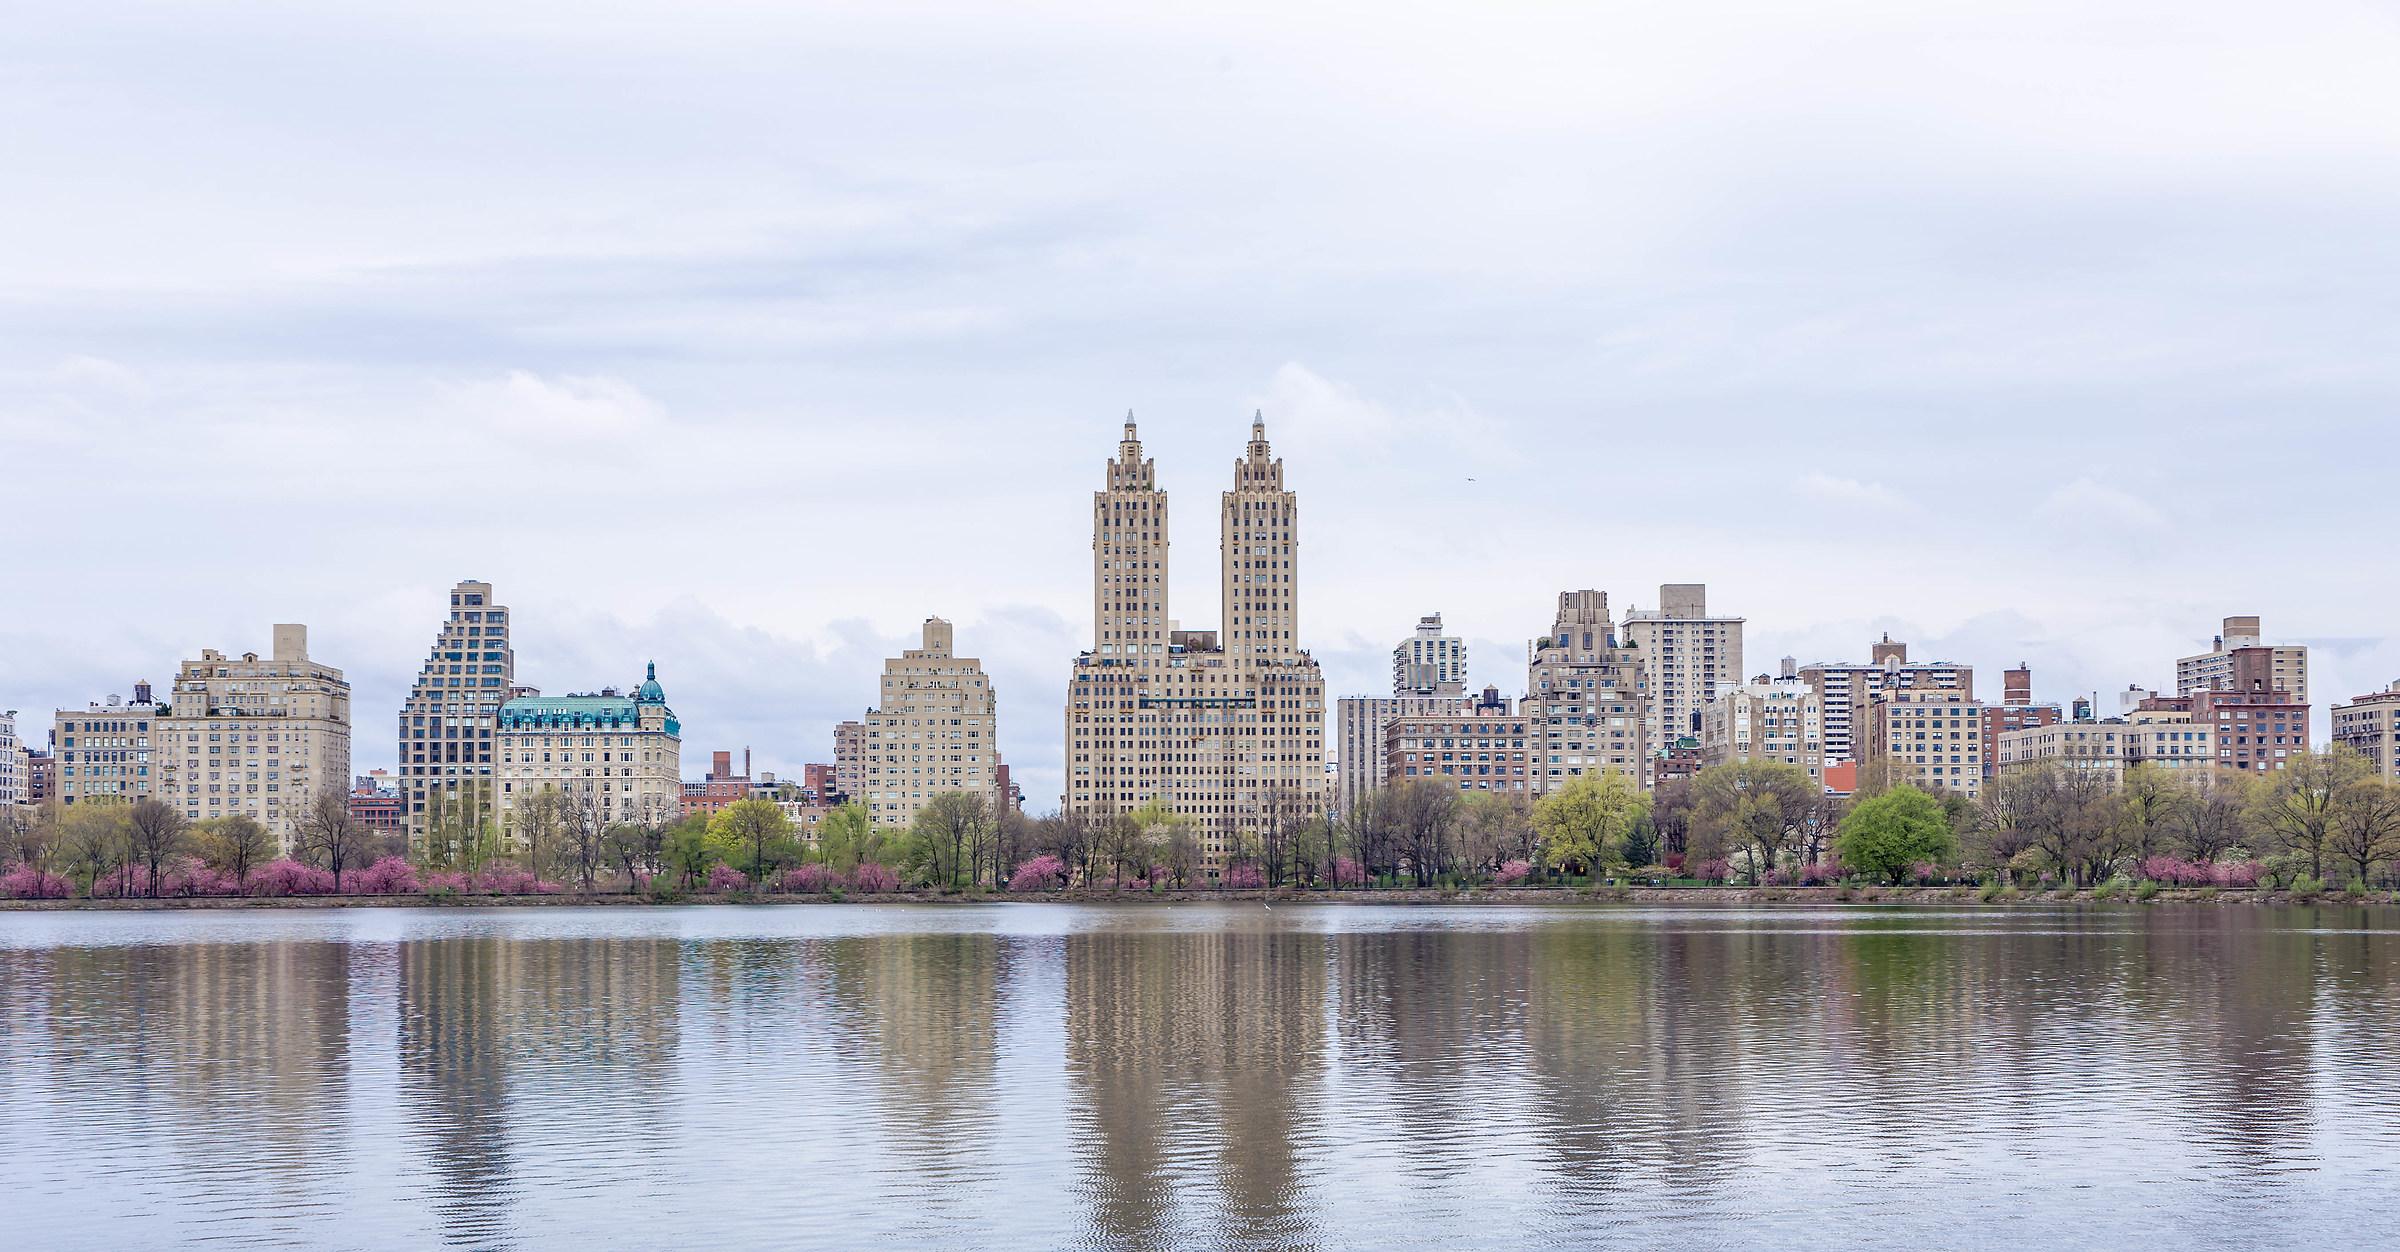 San remo building, Central Park...